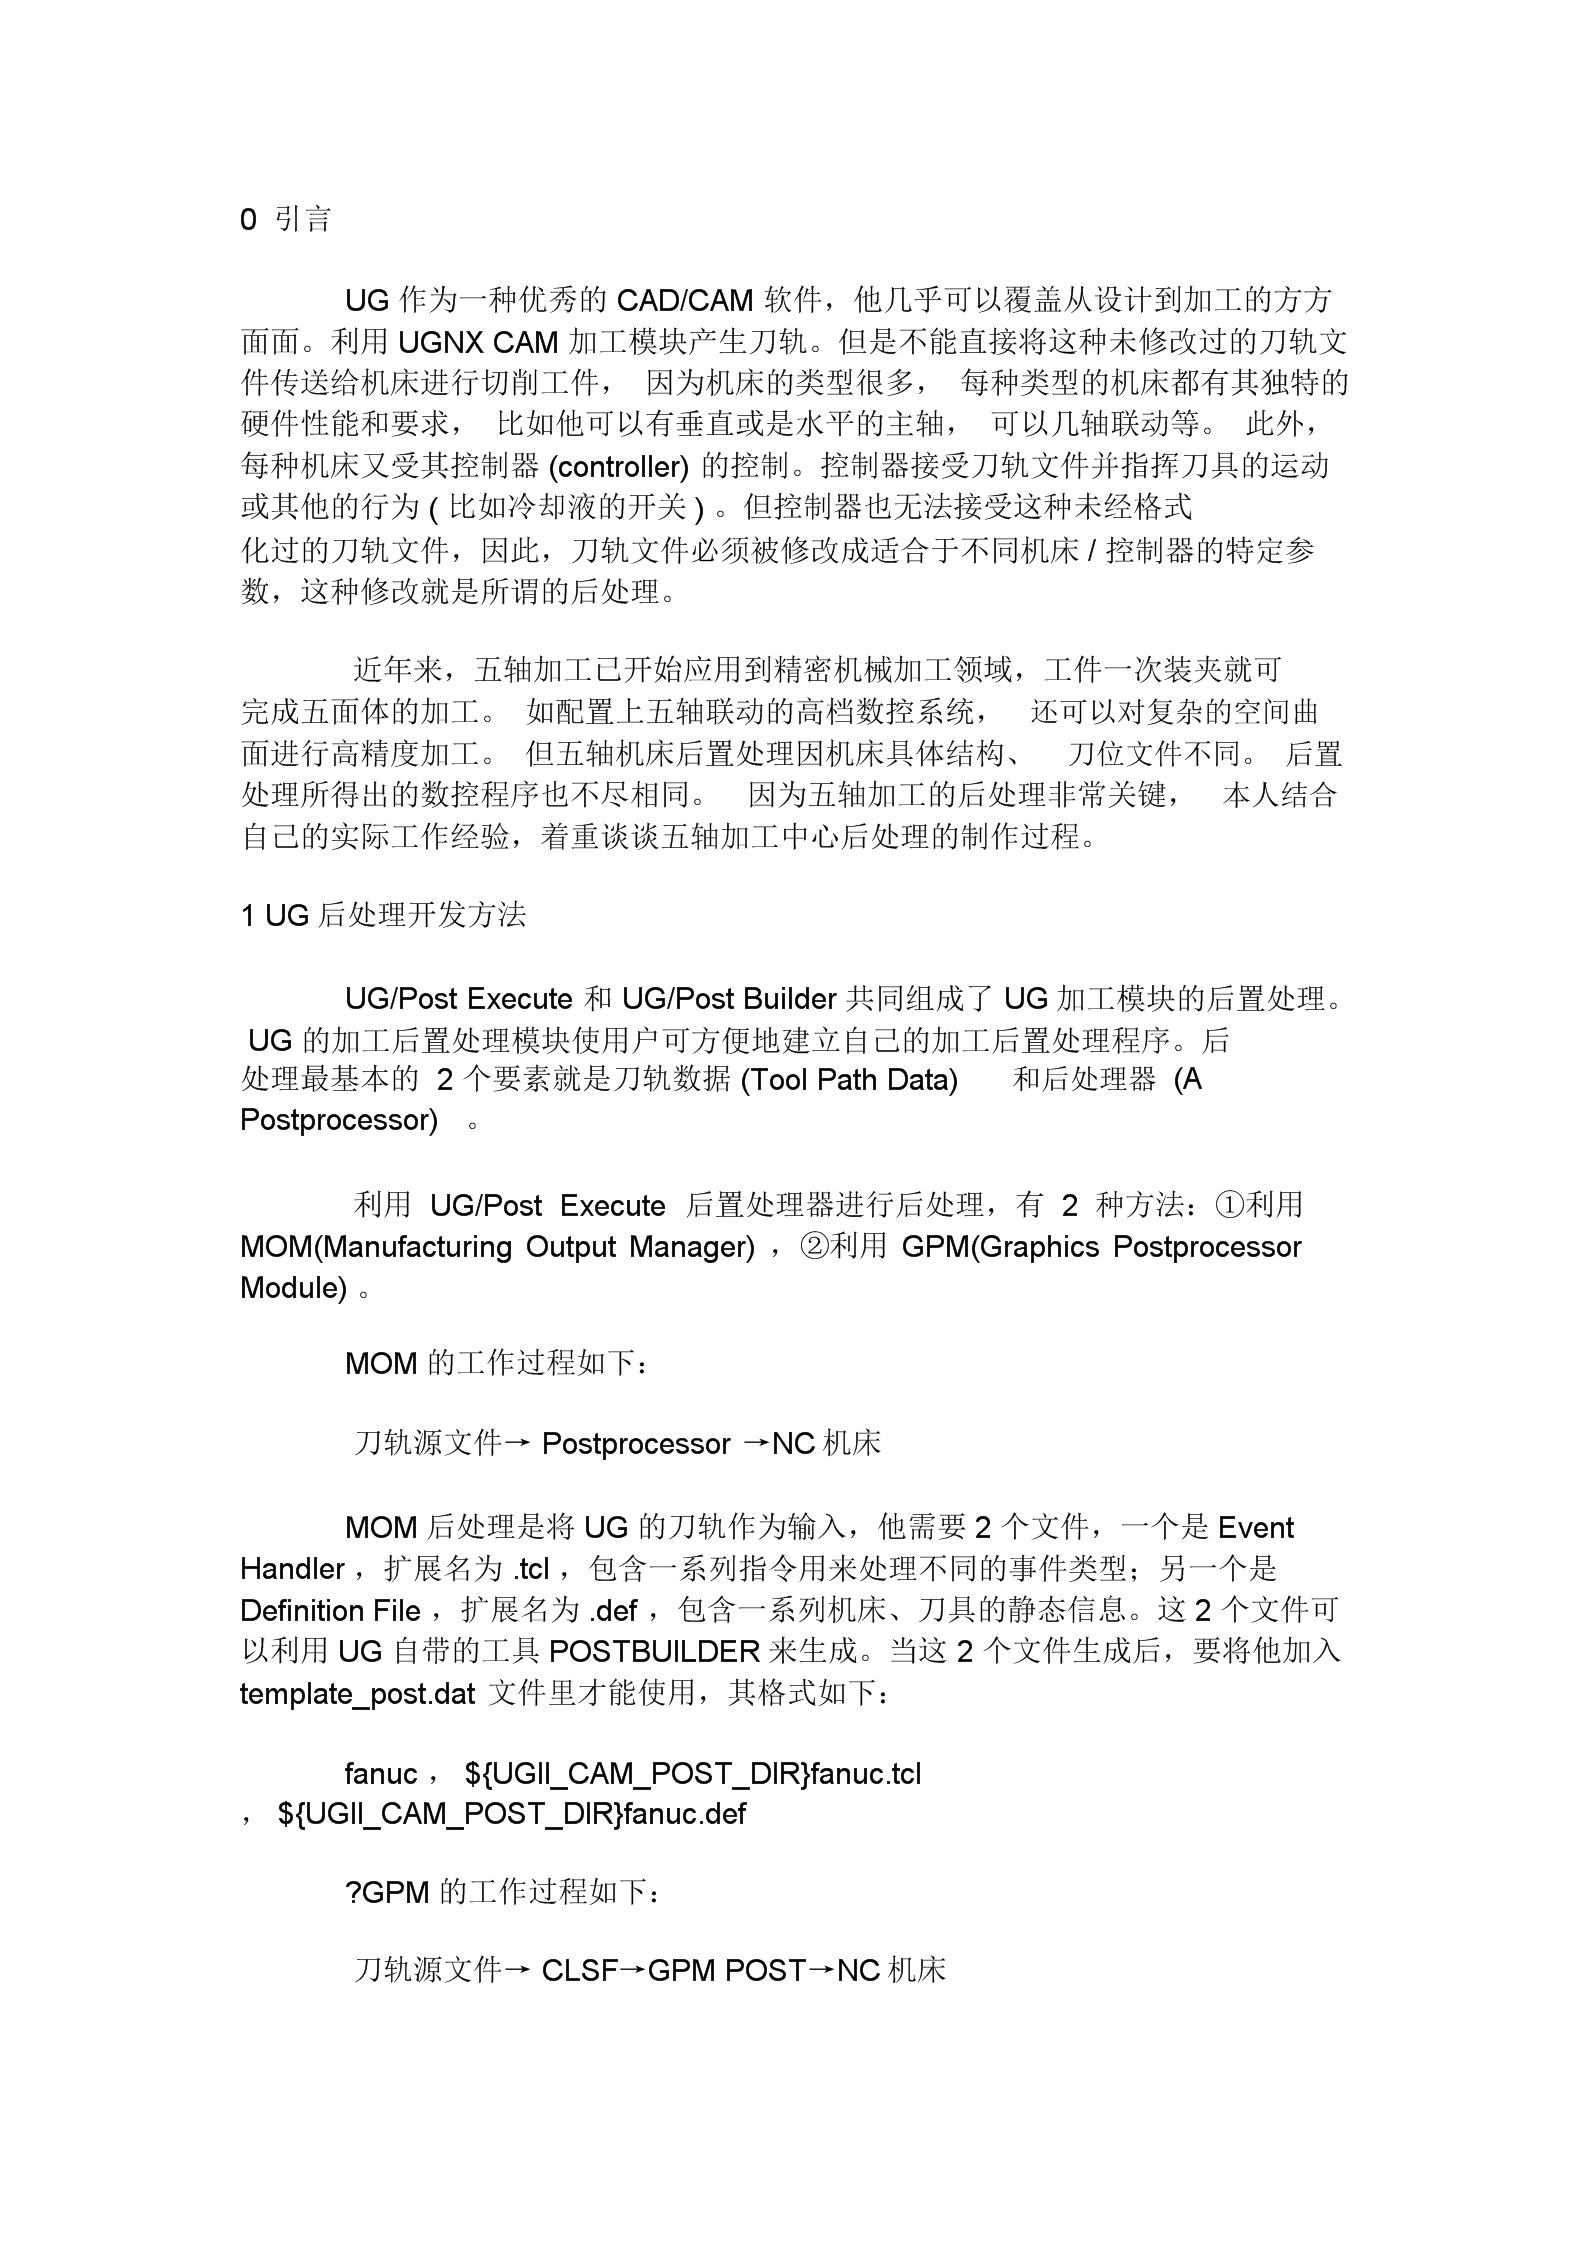 (完整版)五轴UG(NX)后处理.docx